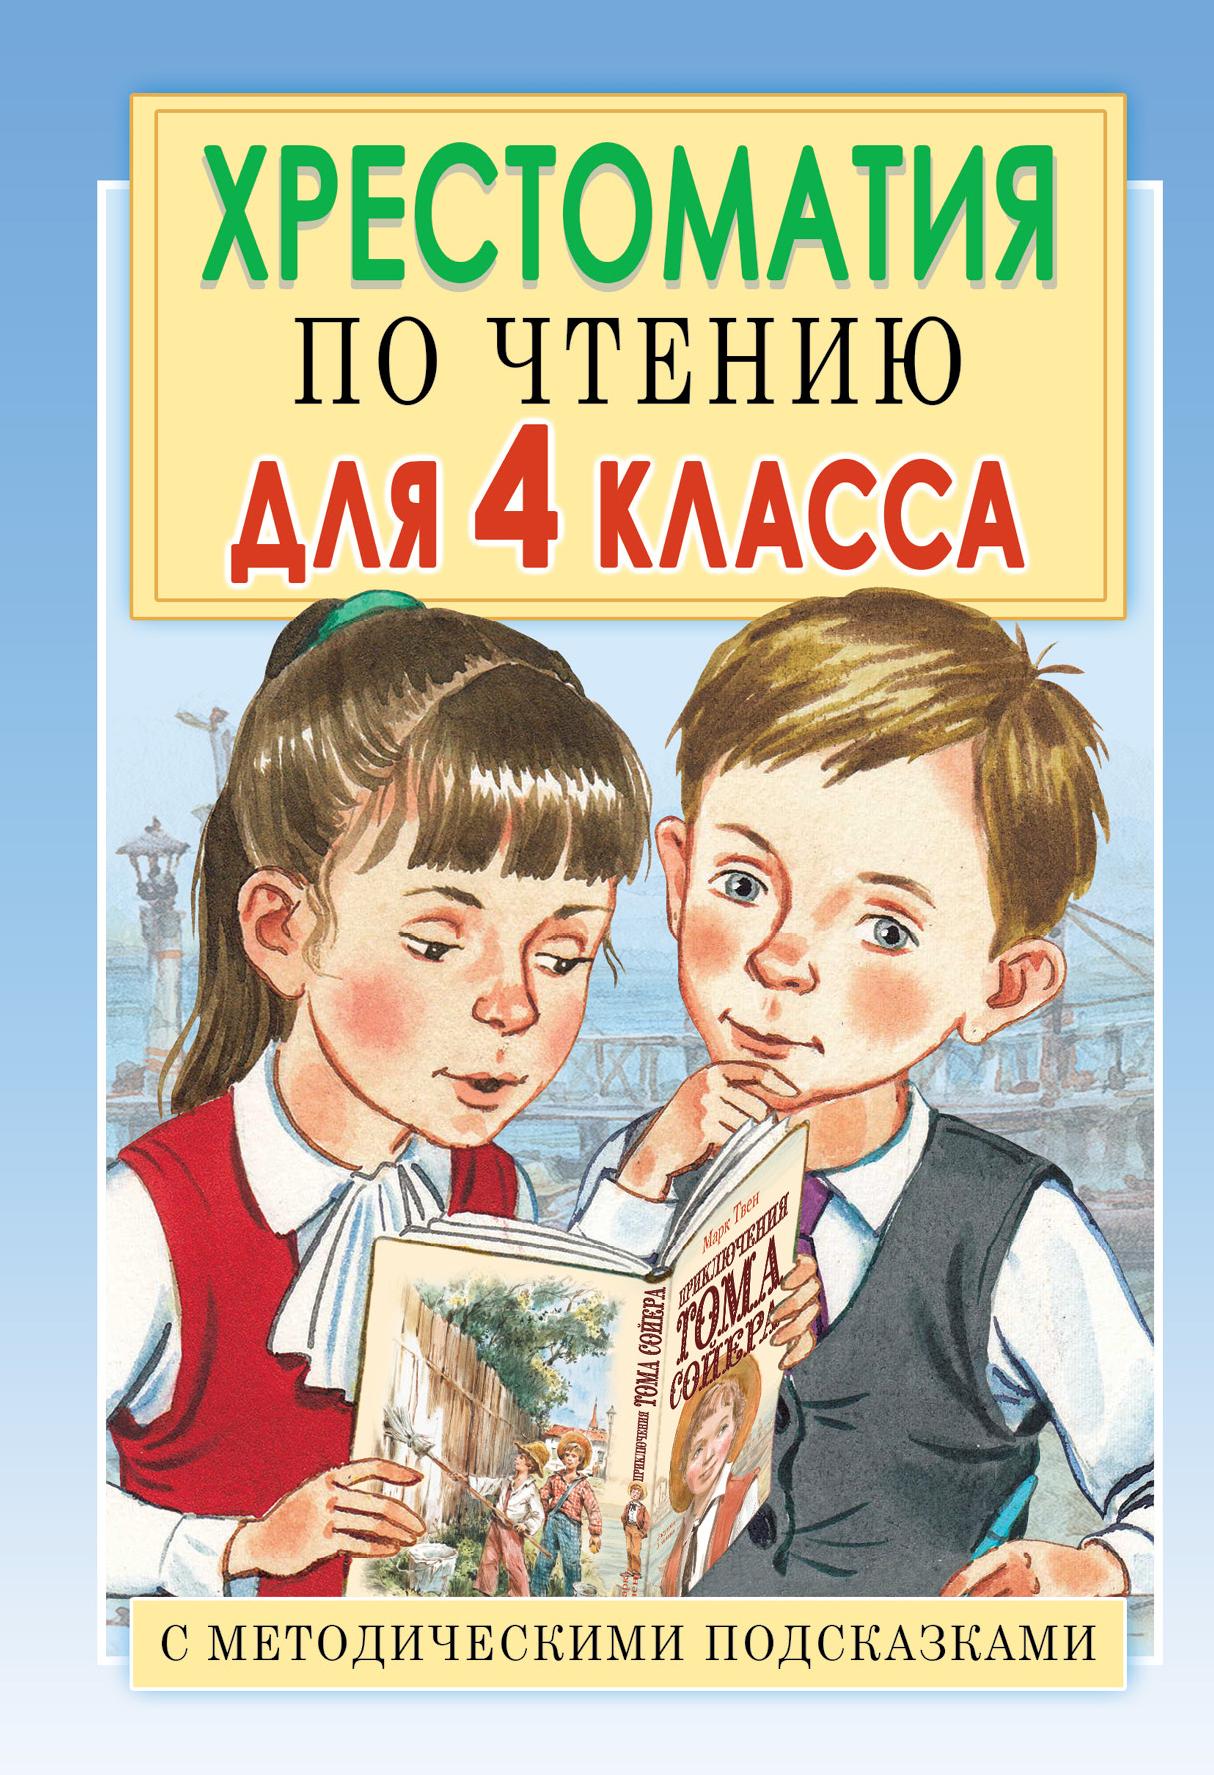 Хрестоматия по чтению для 4 класса с методическими подсказками ( Посашкова Е.В.  )